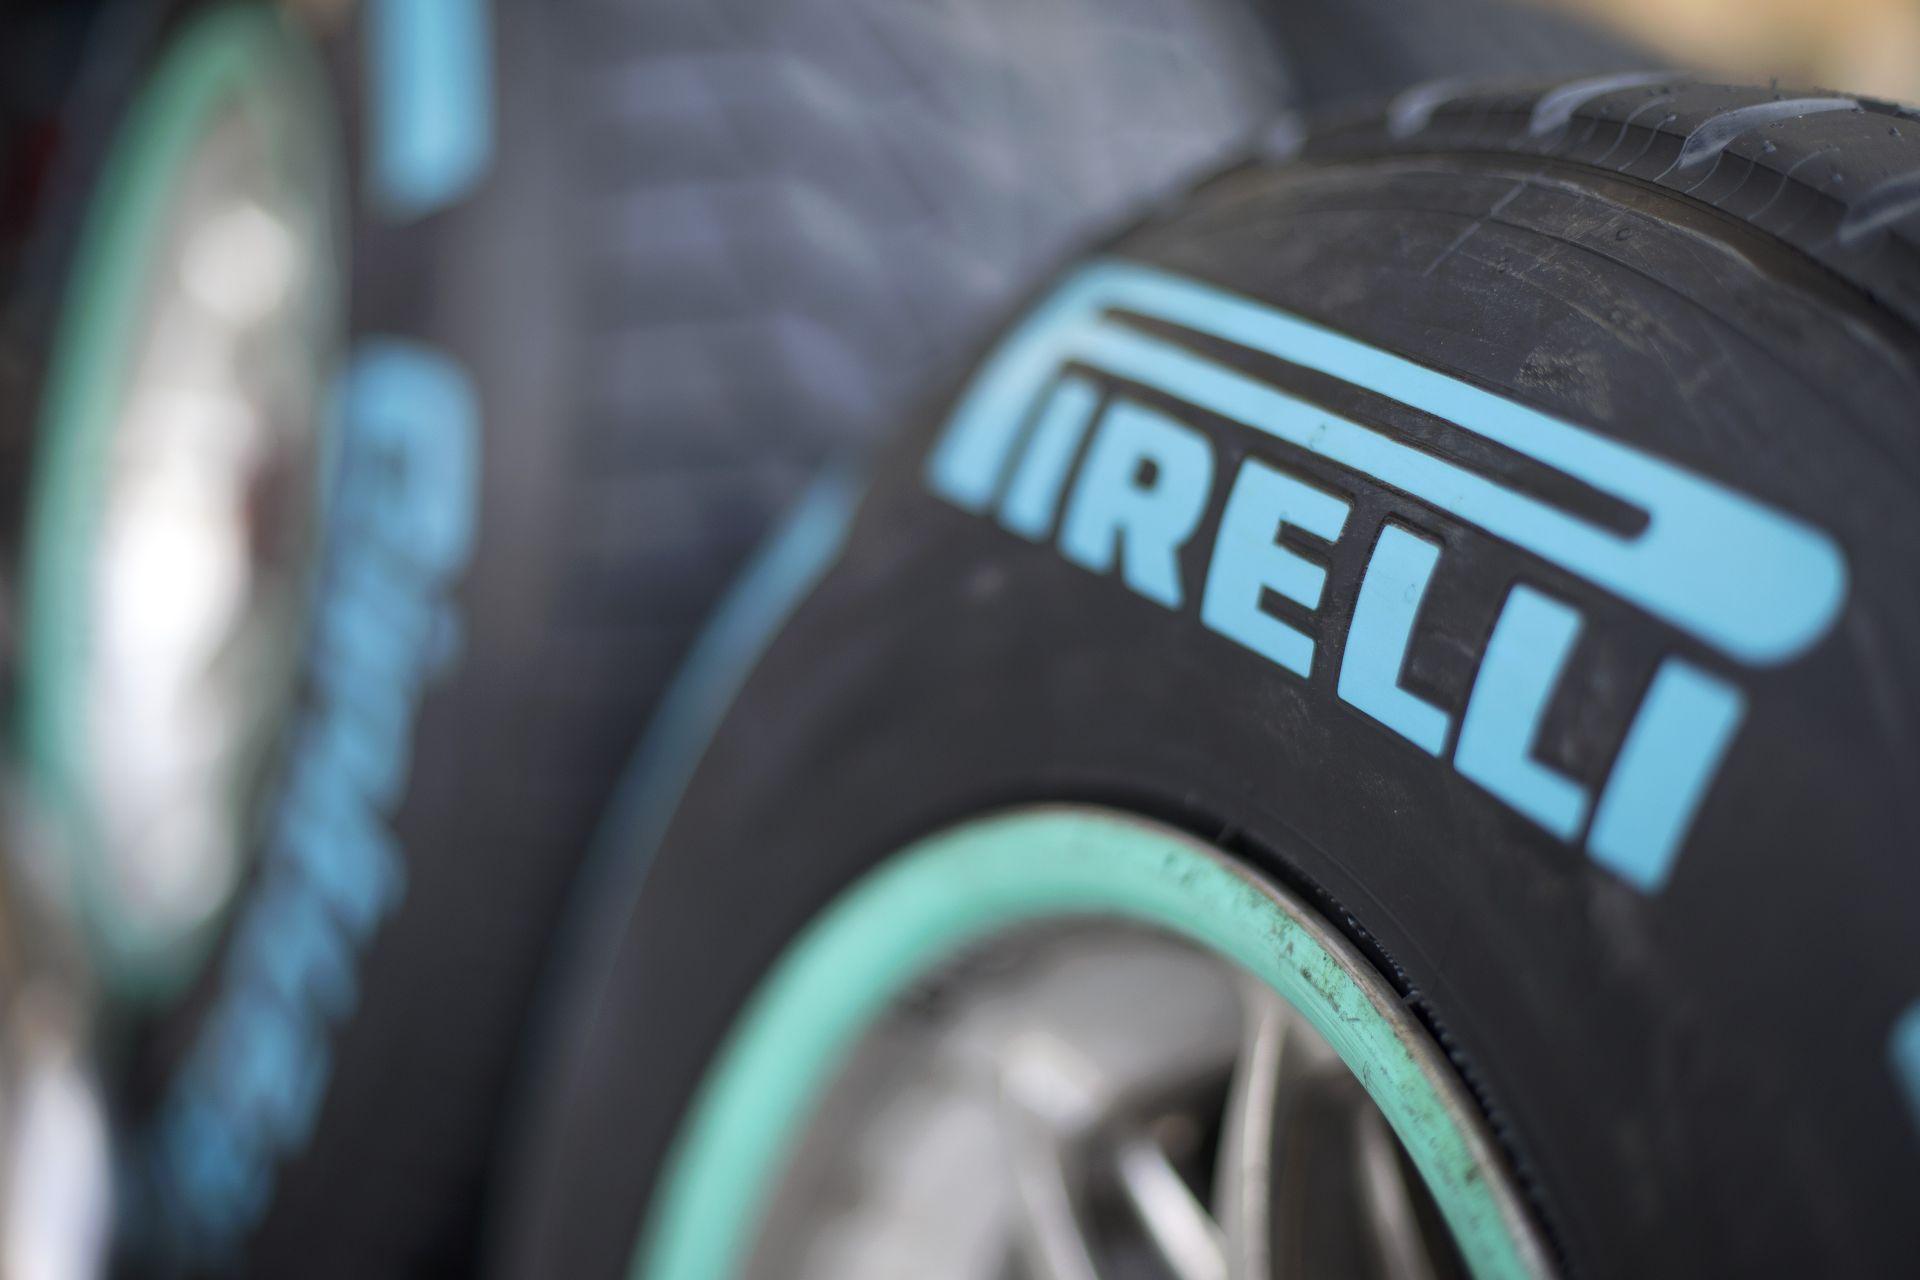 Január 25&26: a Pirelli három csapattal teszteli az esős keverékeit!